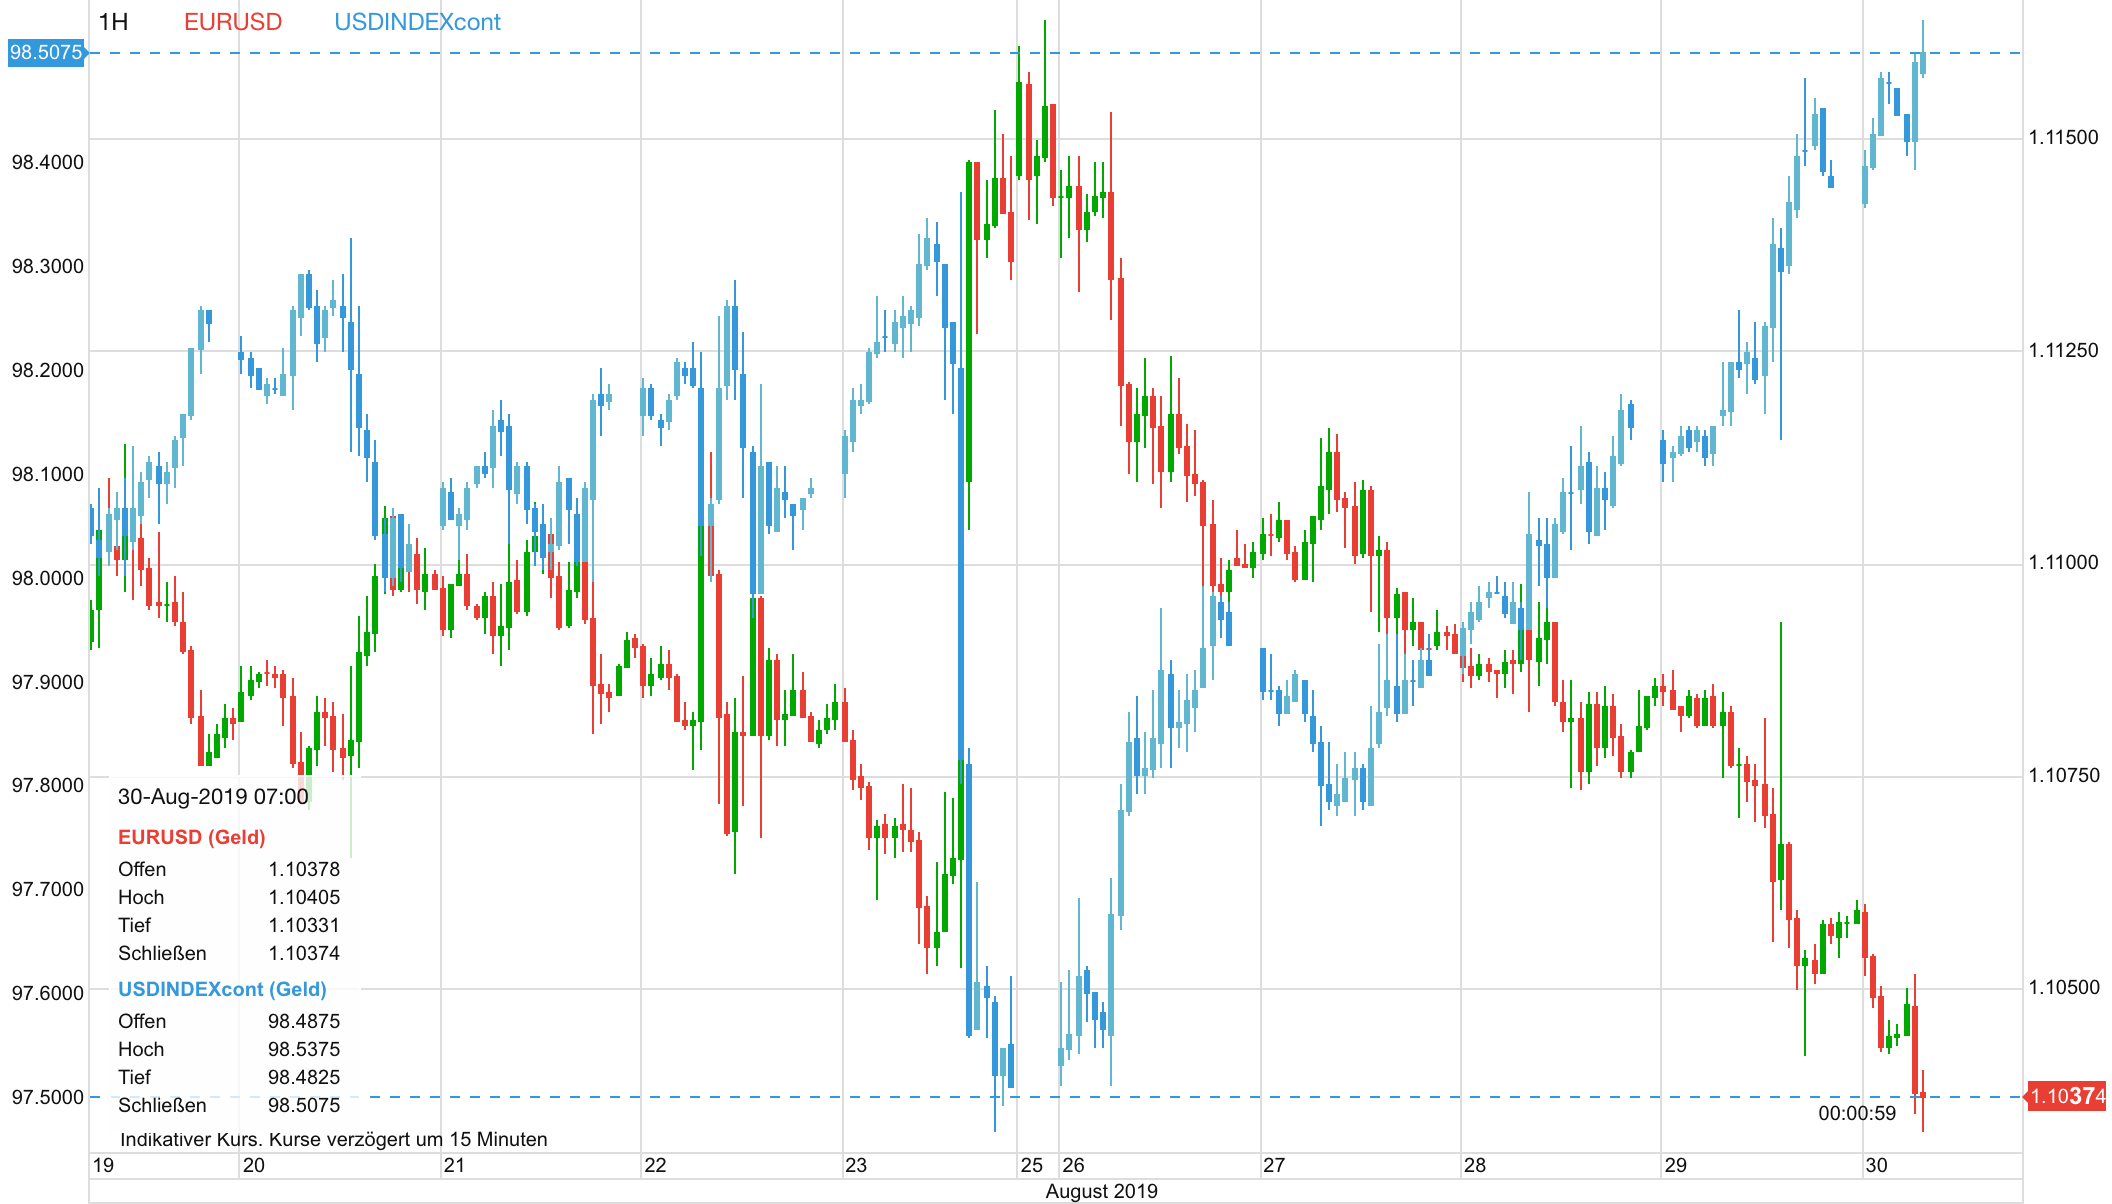 EURUSD vs Dollar Index